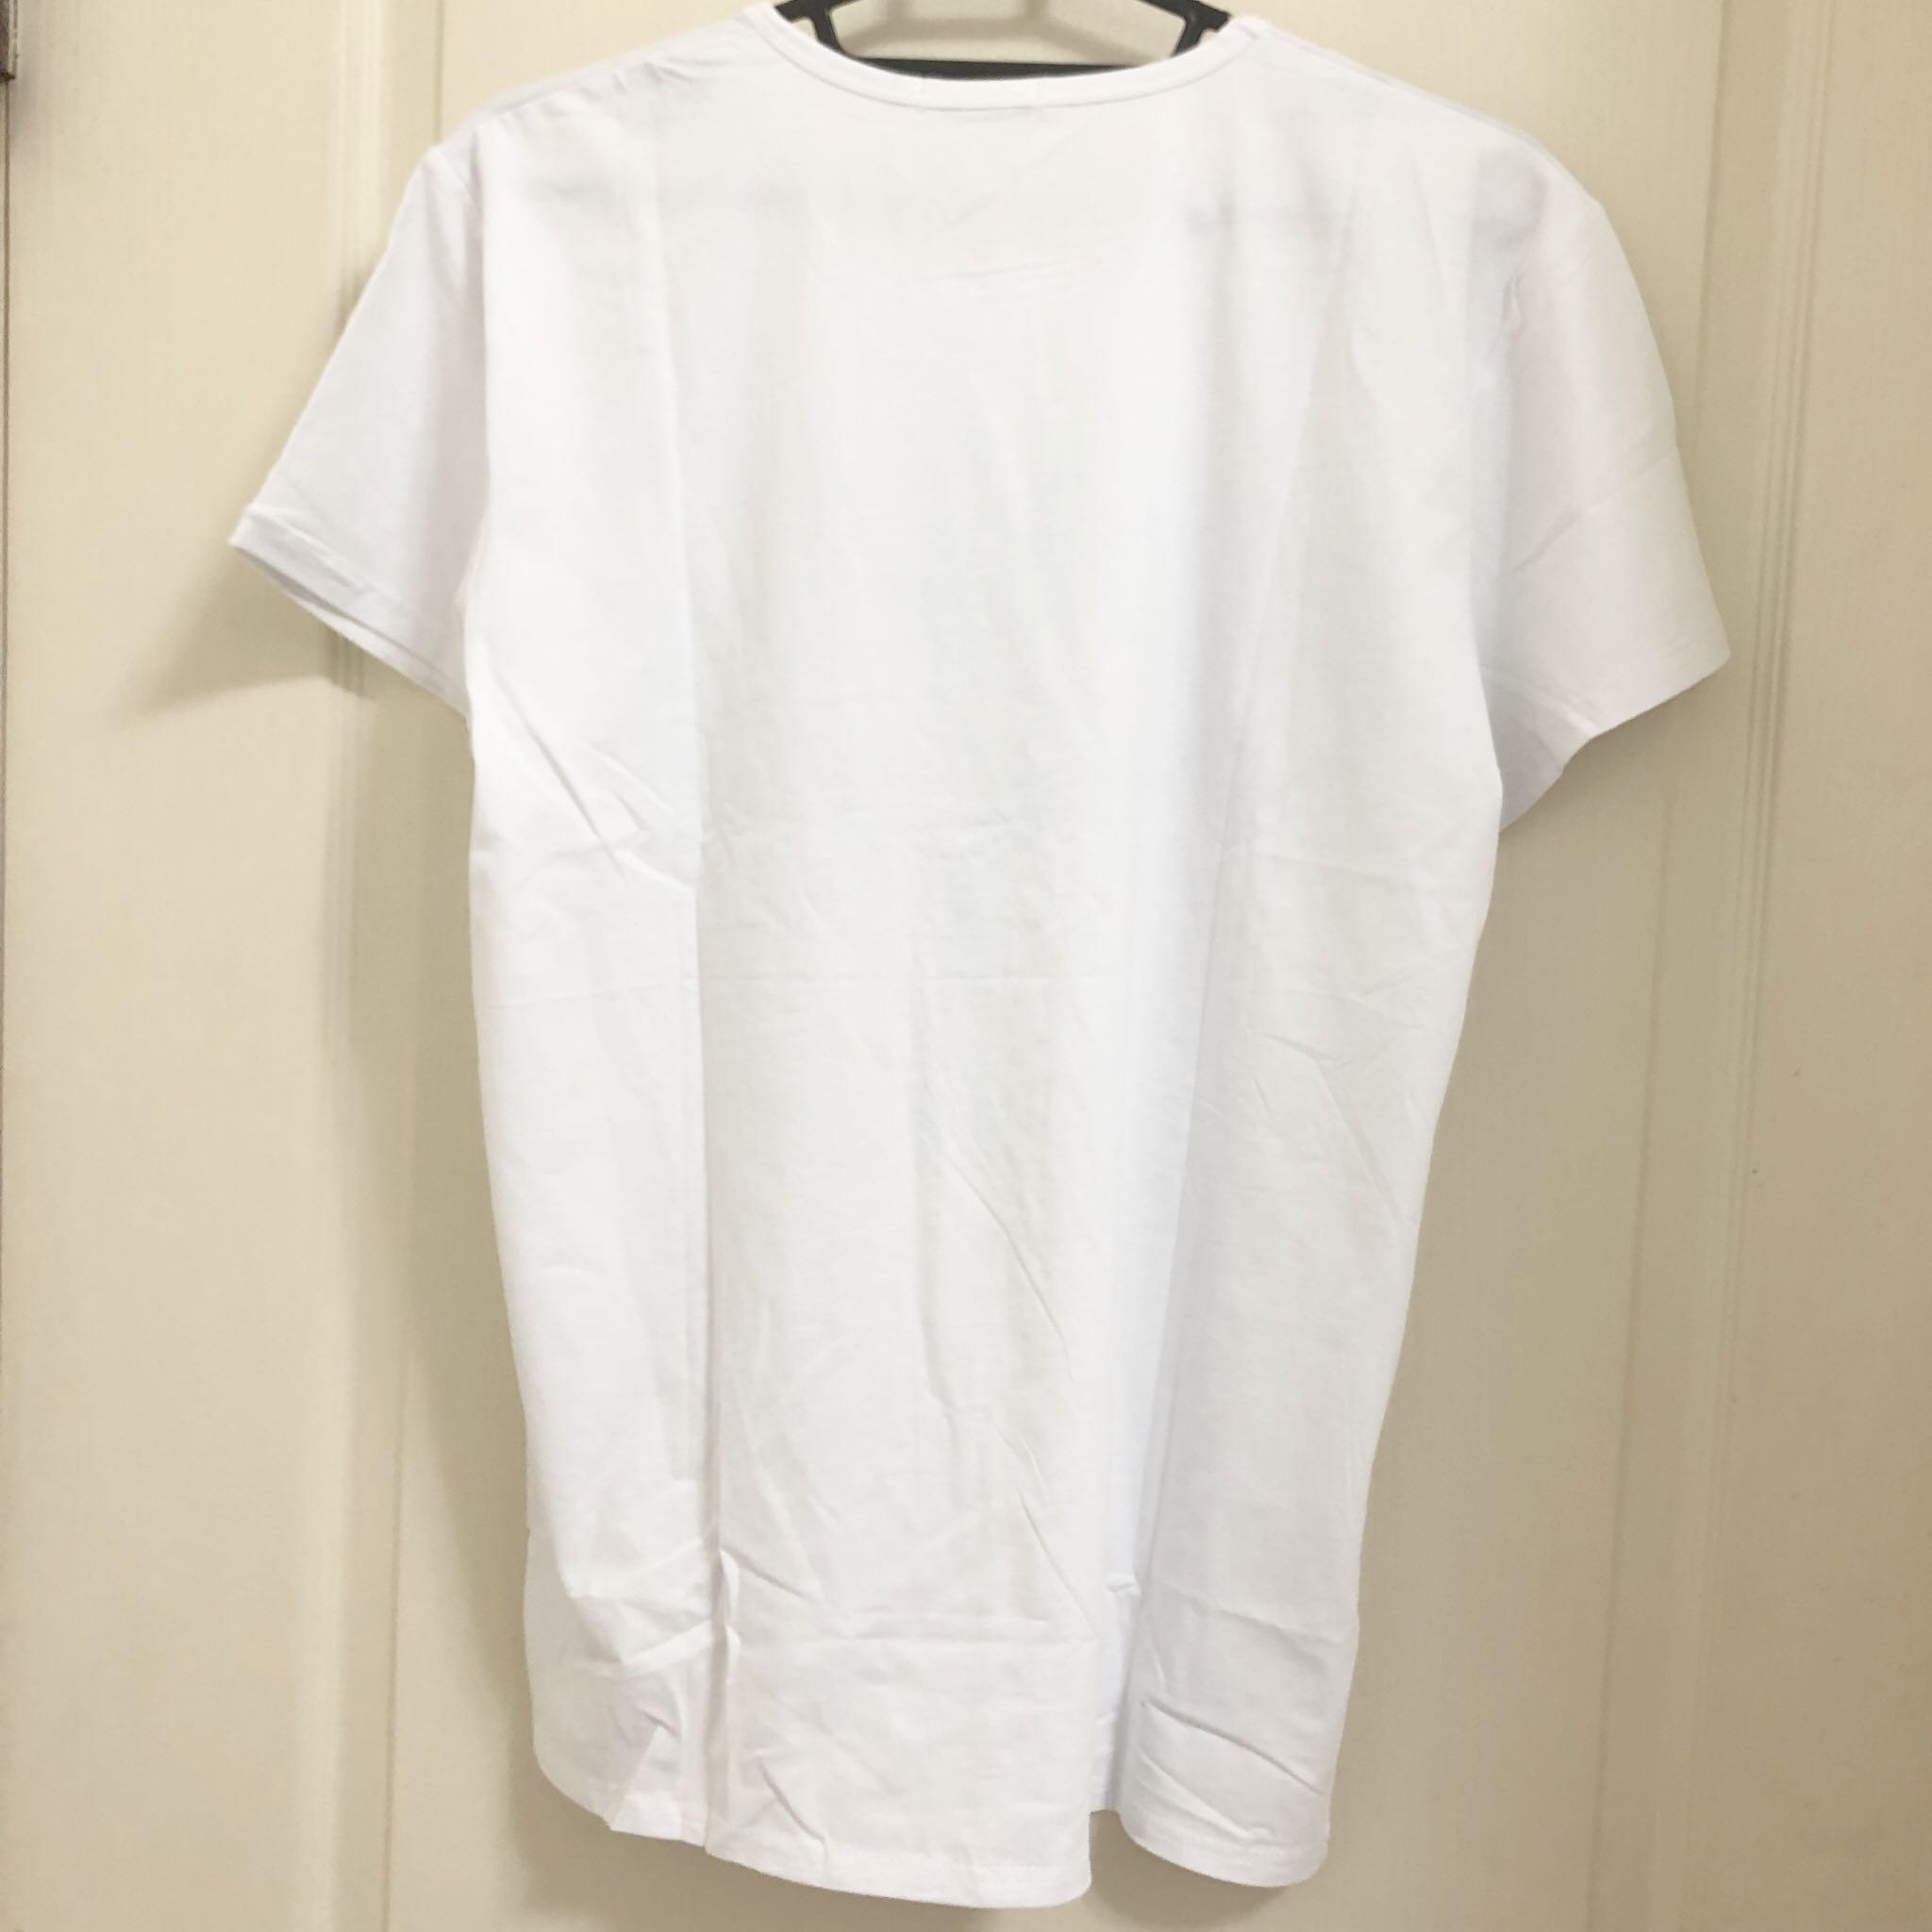 韓版上衣 輕薄上衣 短袖上衣 短袖t恤 短t 男生上衣 美國上衣 大碼上衣 寬鬆上衣 夏季潮牌 潮流上衣